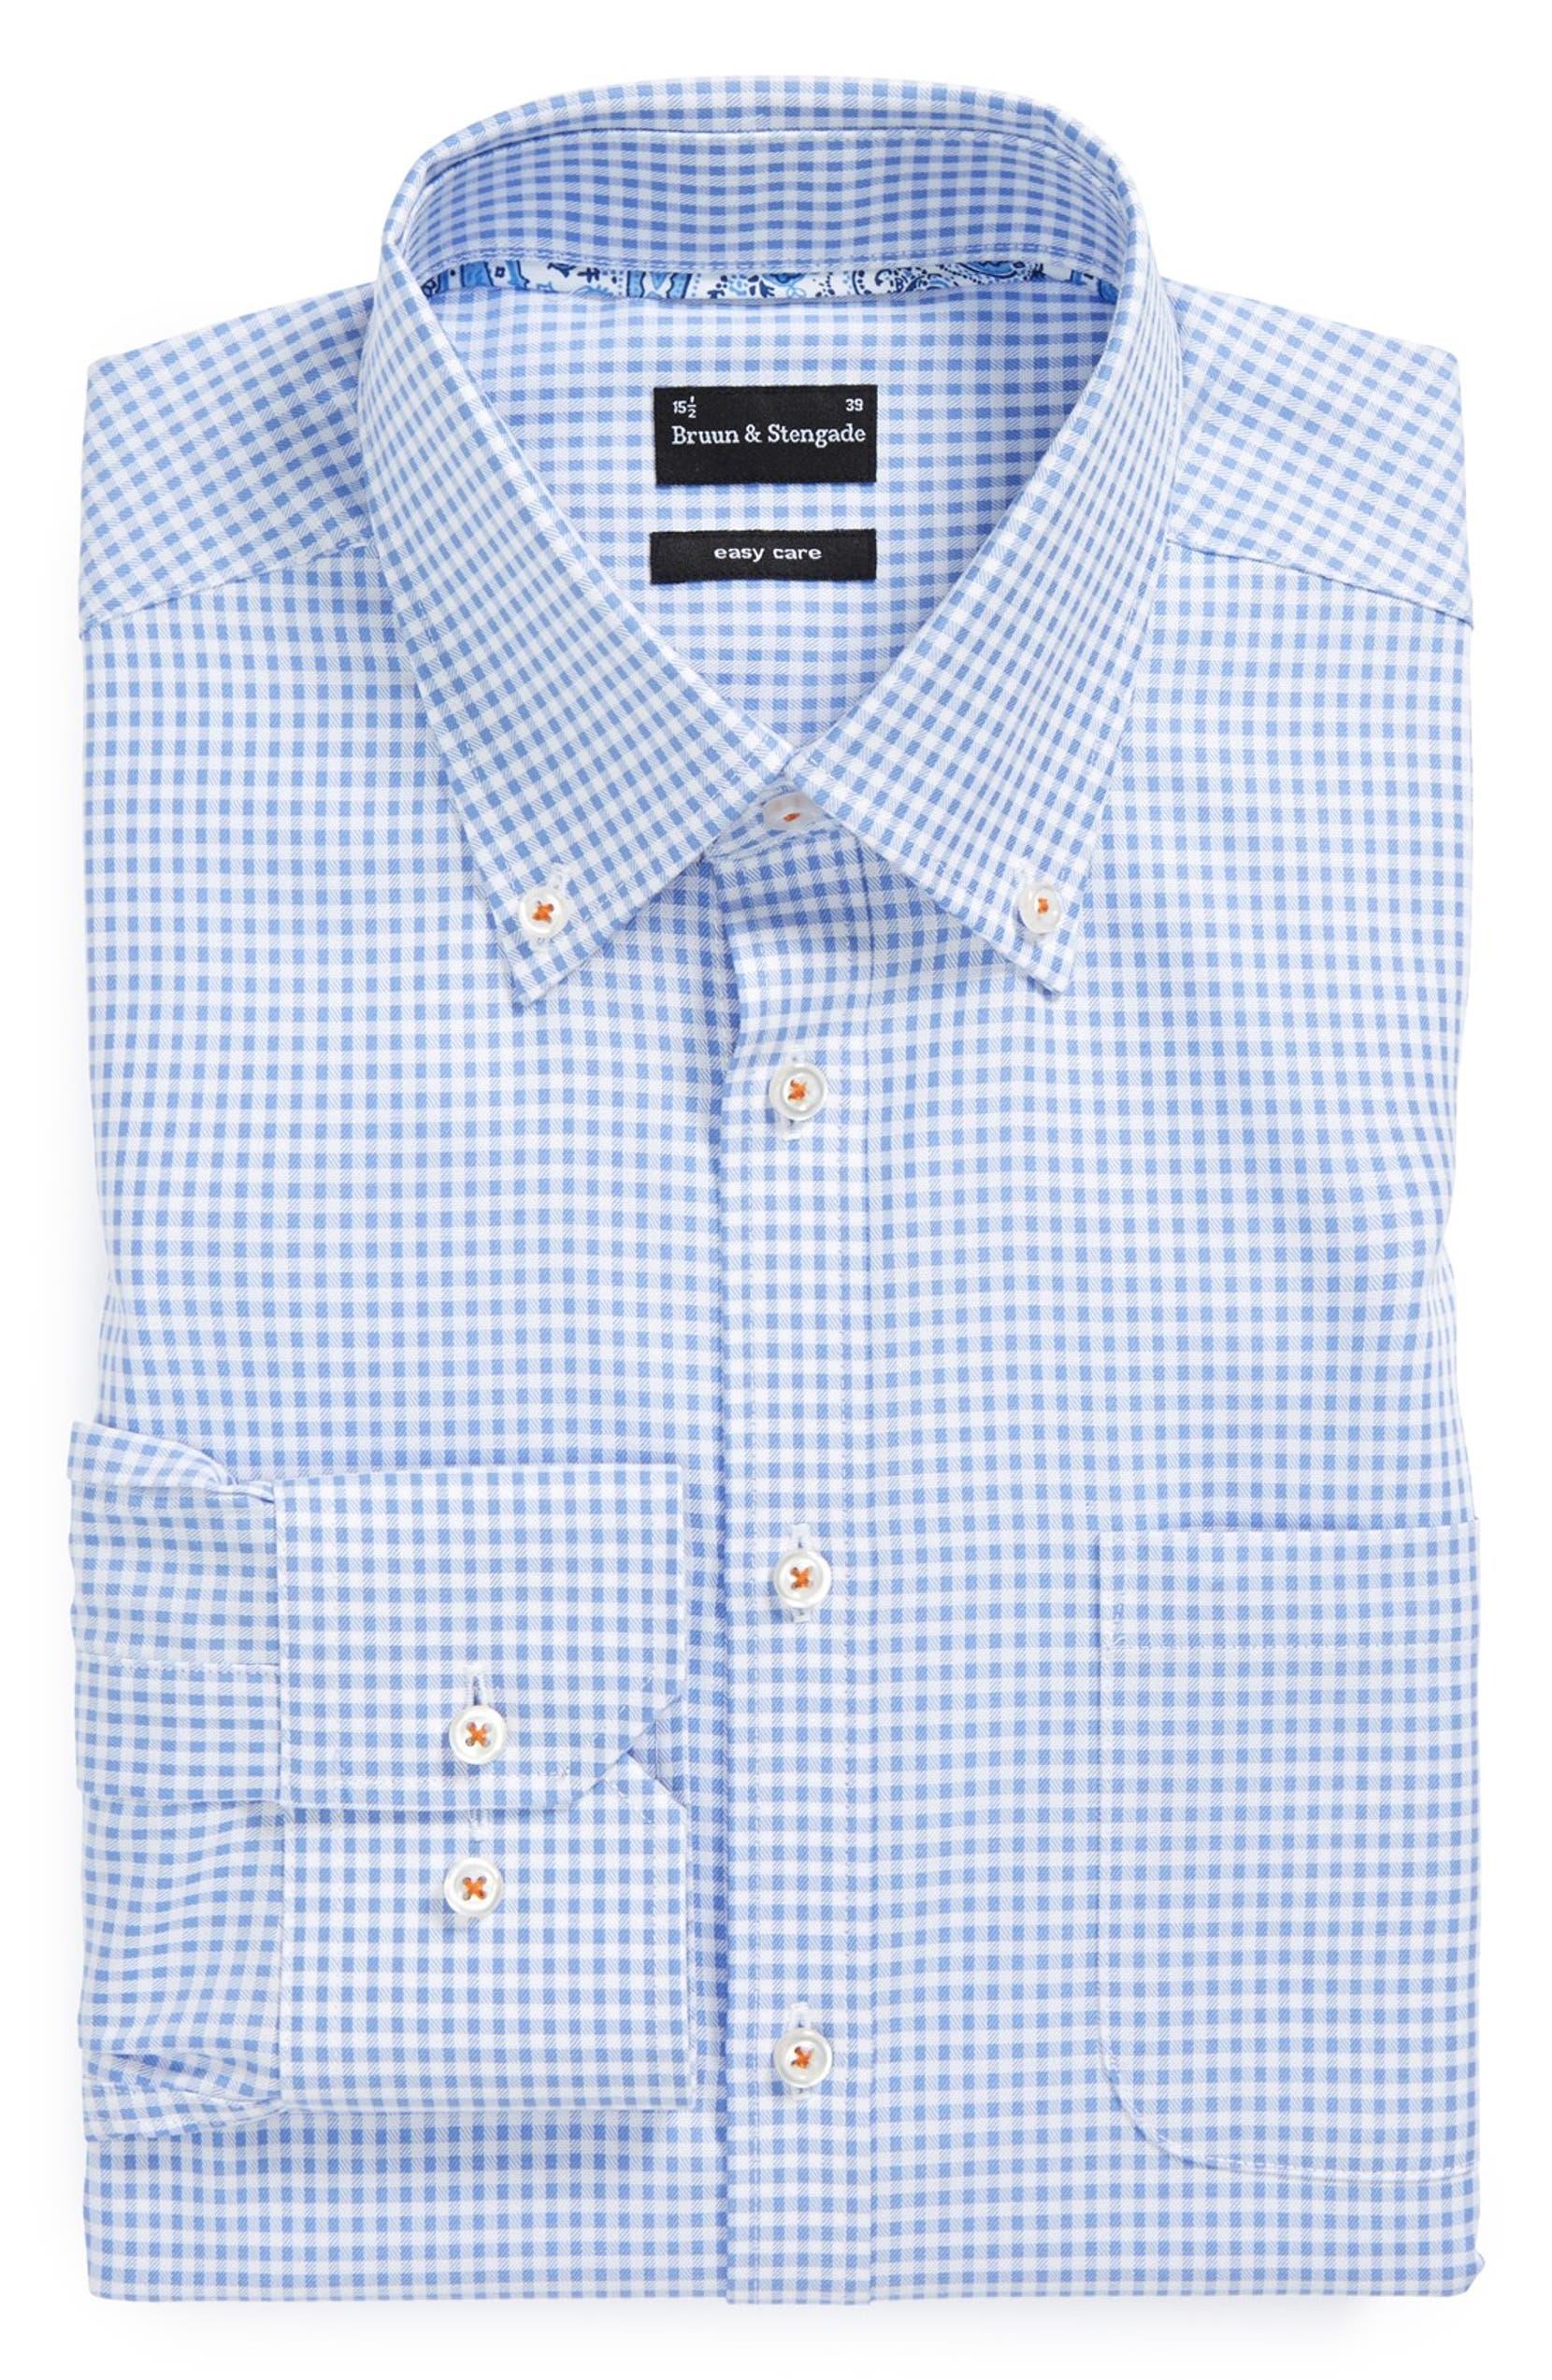 3de747399ce Bruun & Stengade Trim Fit Easy Care Check Dress Shirt | Nordstrom